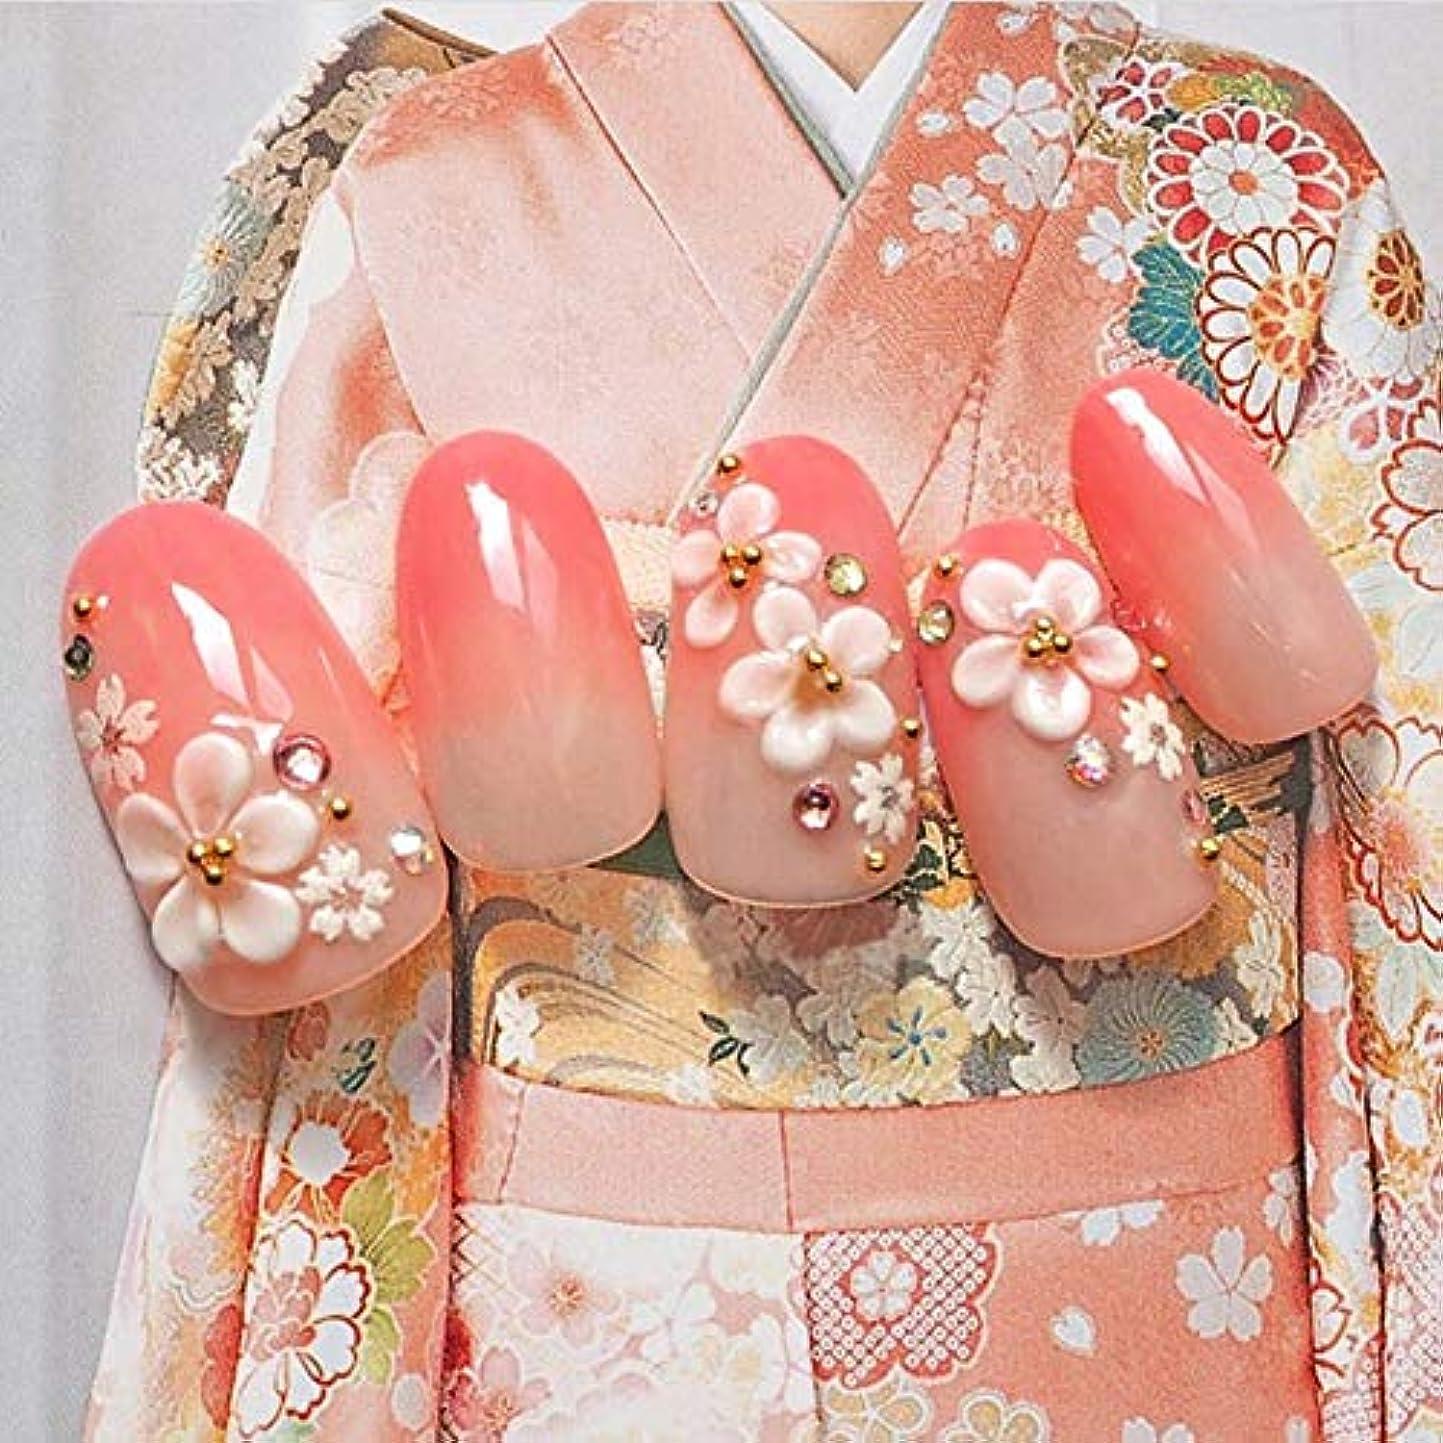 服ハシー反響するXUTXZKA ファッションのために飾られた24pcsファッションロングフェイクネイルのヒントオーバルピンクグラデーションチェリーフラワー